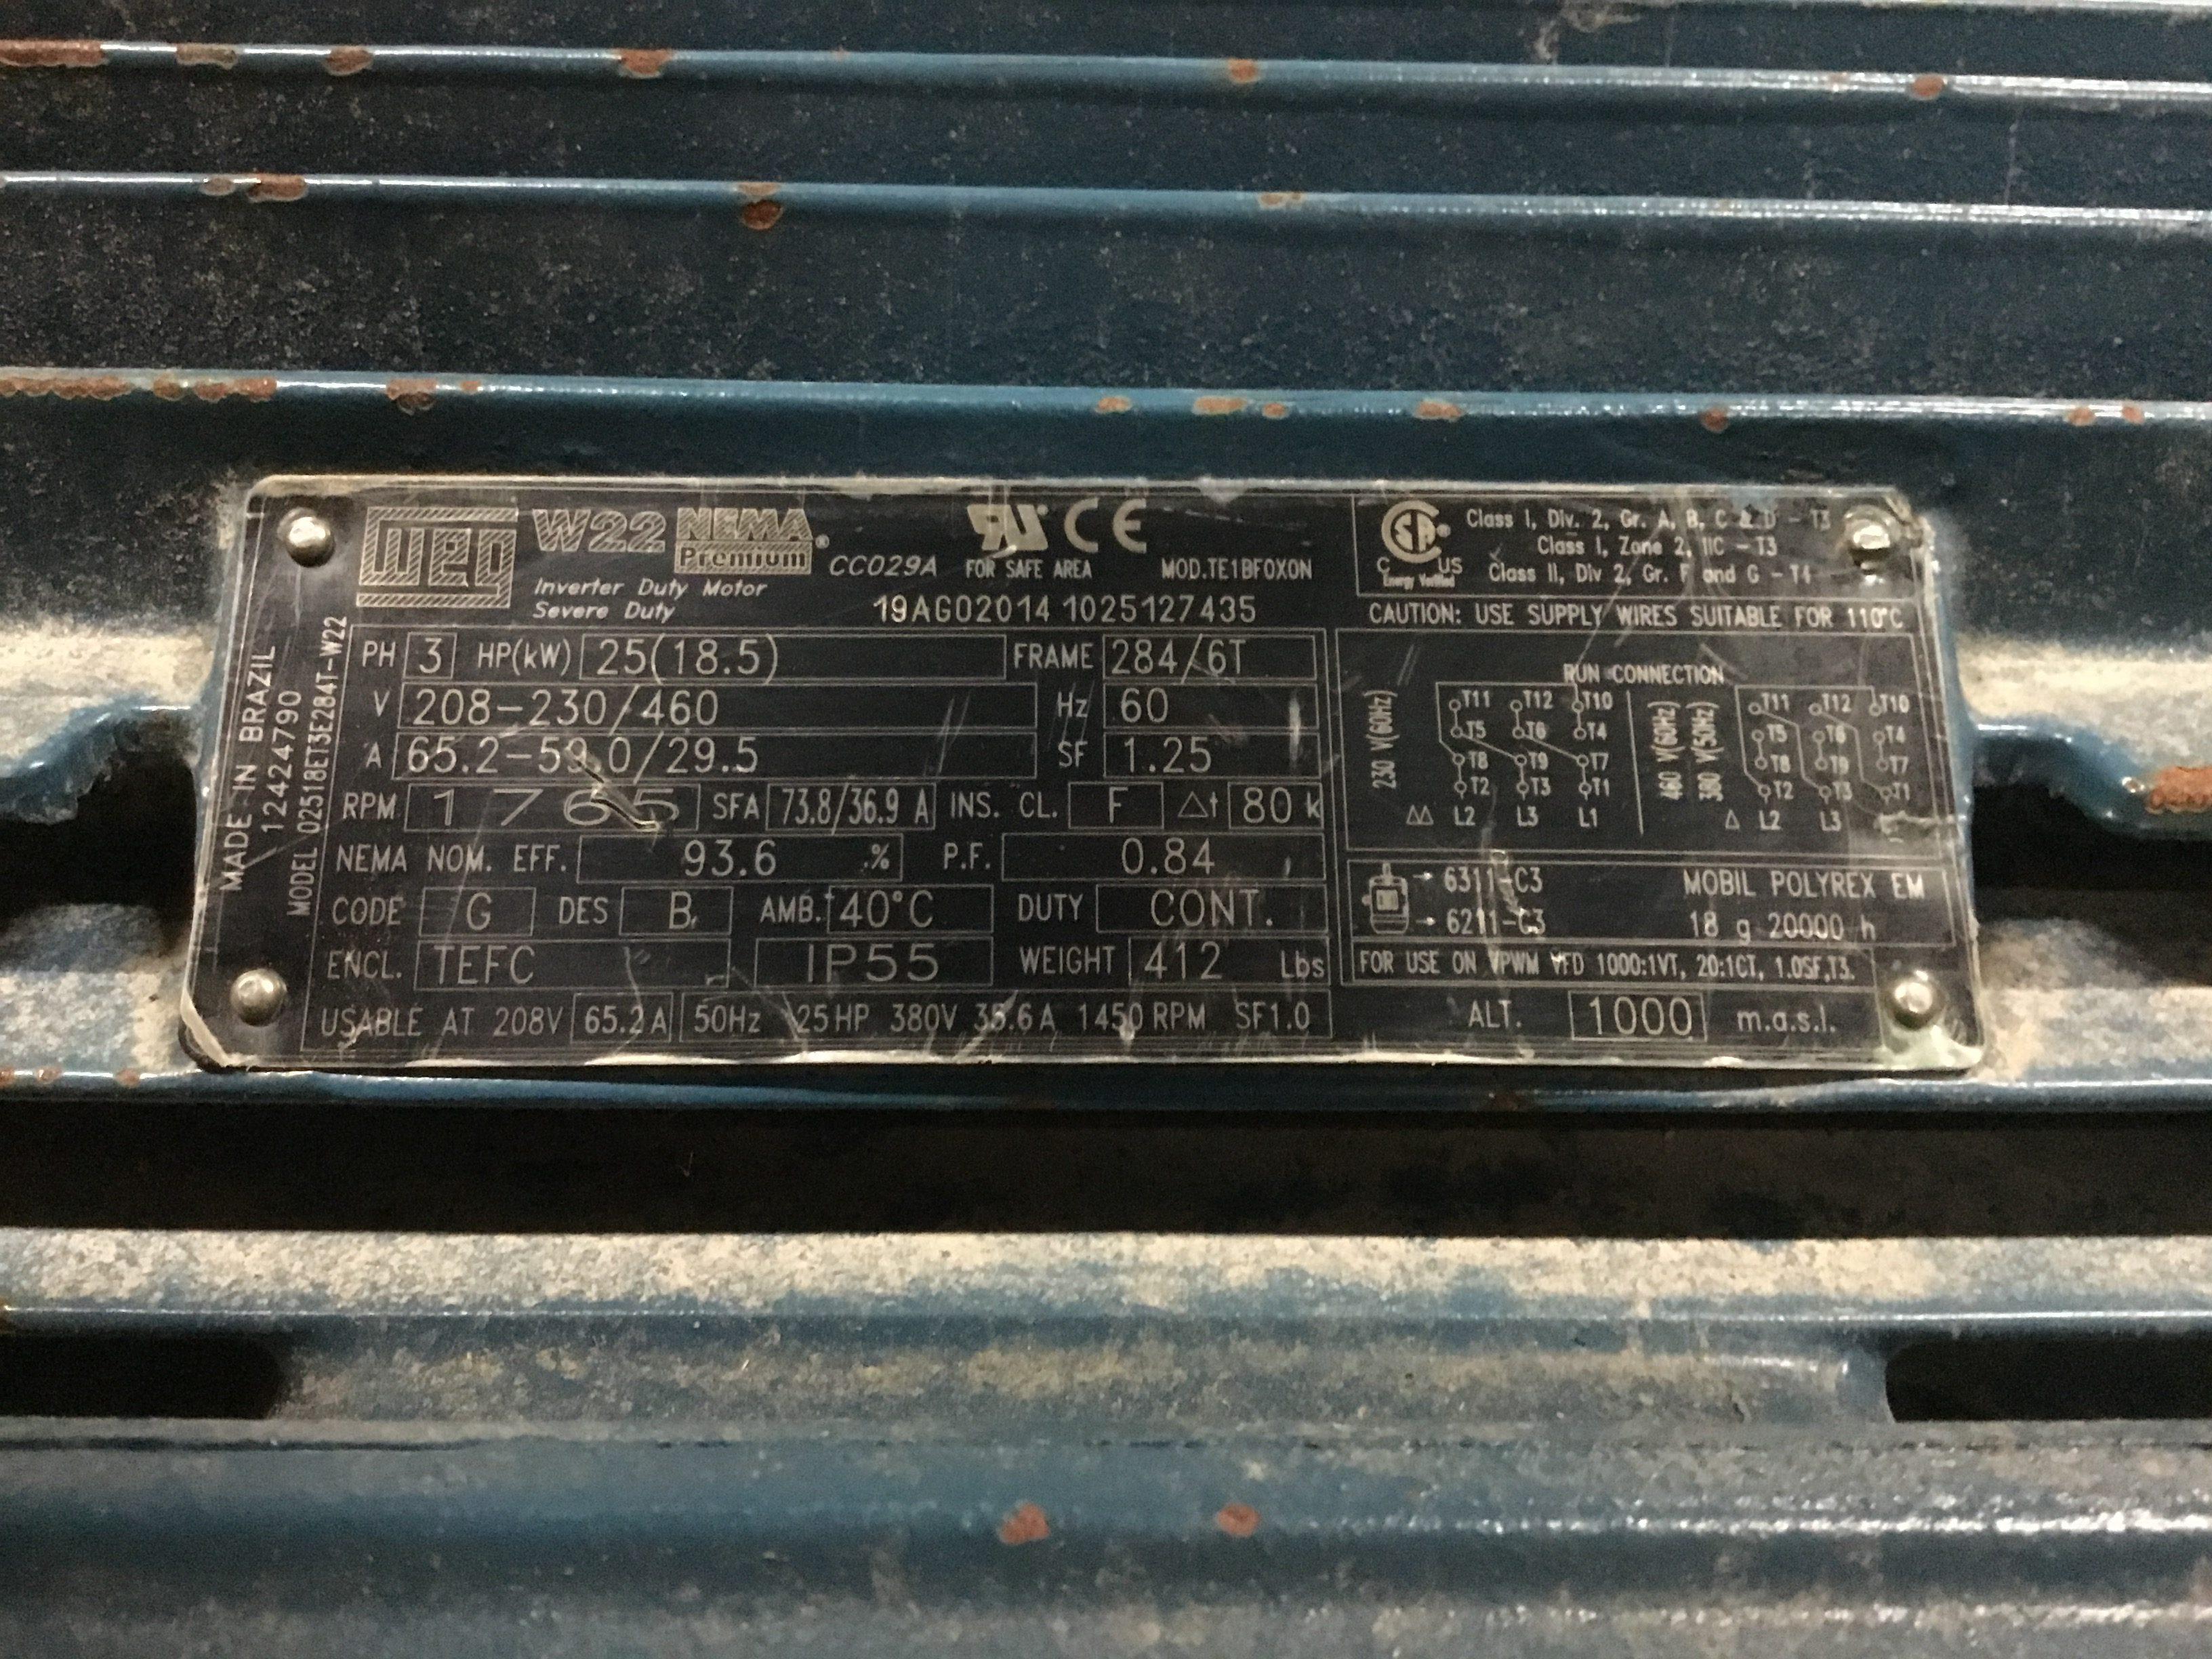 063BEF7E-302D-4E23-88AF-72154BCF0EC8